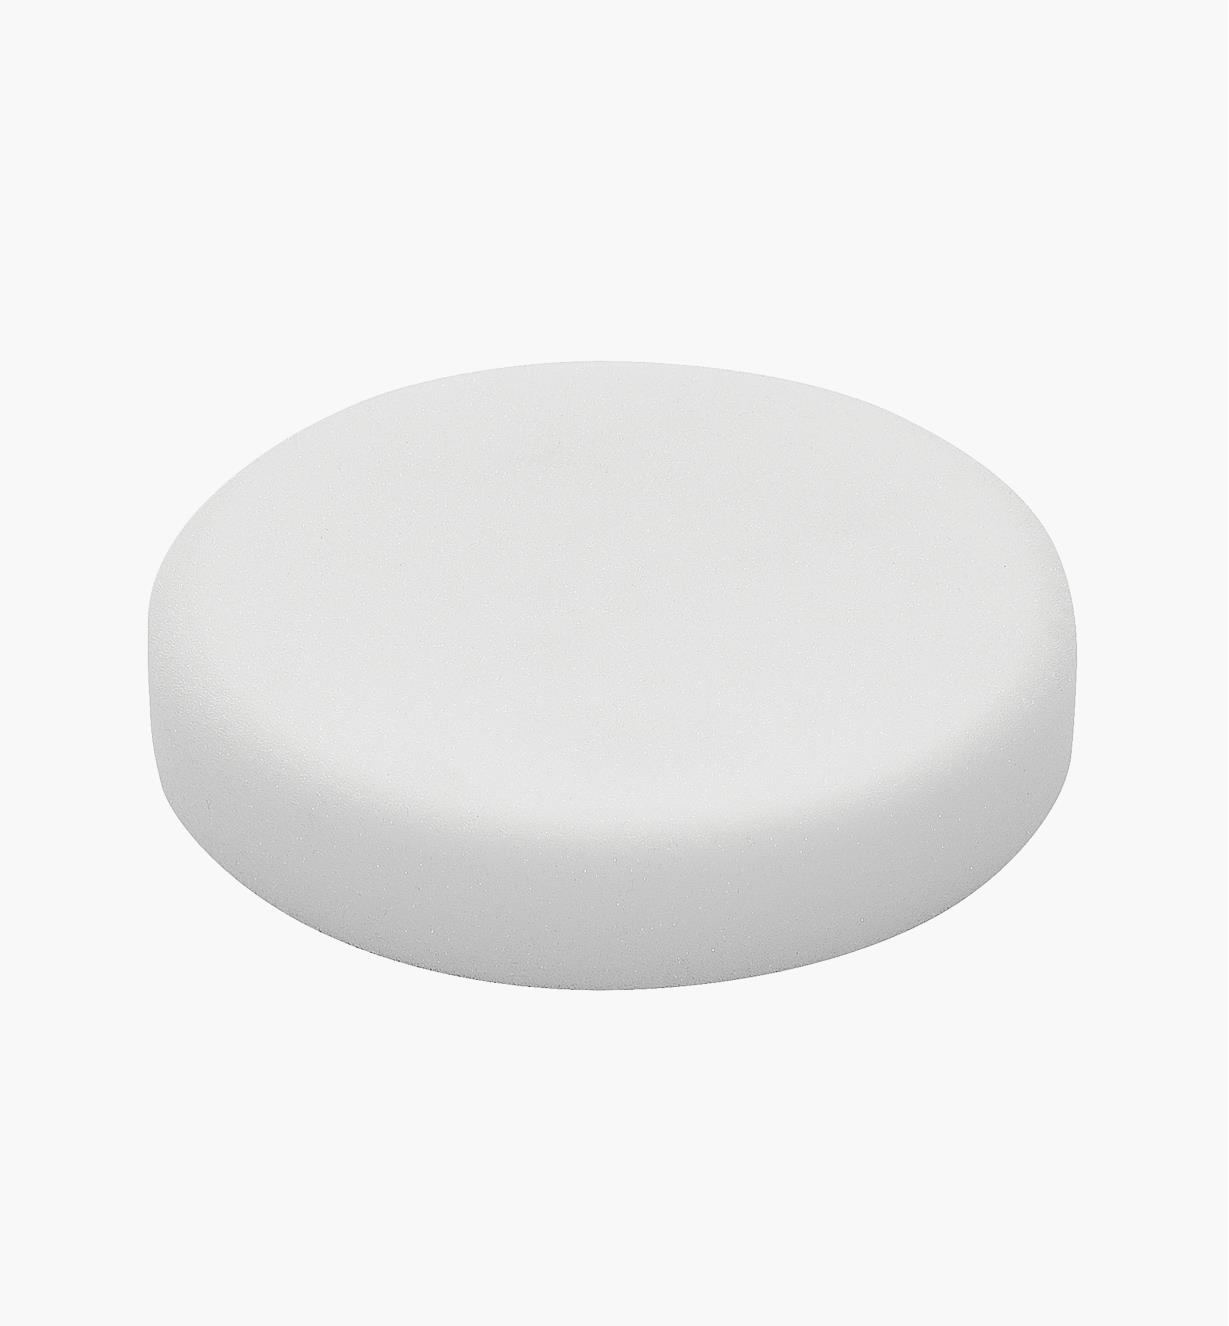 Éponge de polissage blanc de 125 mm